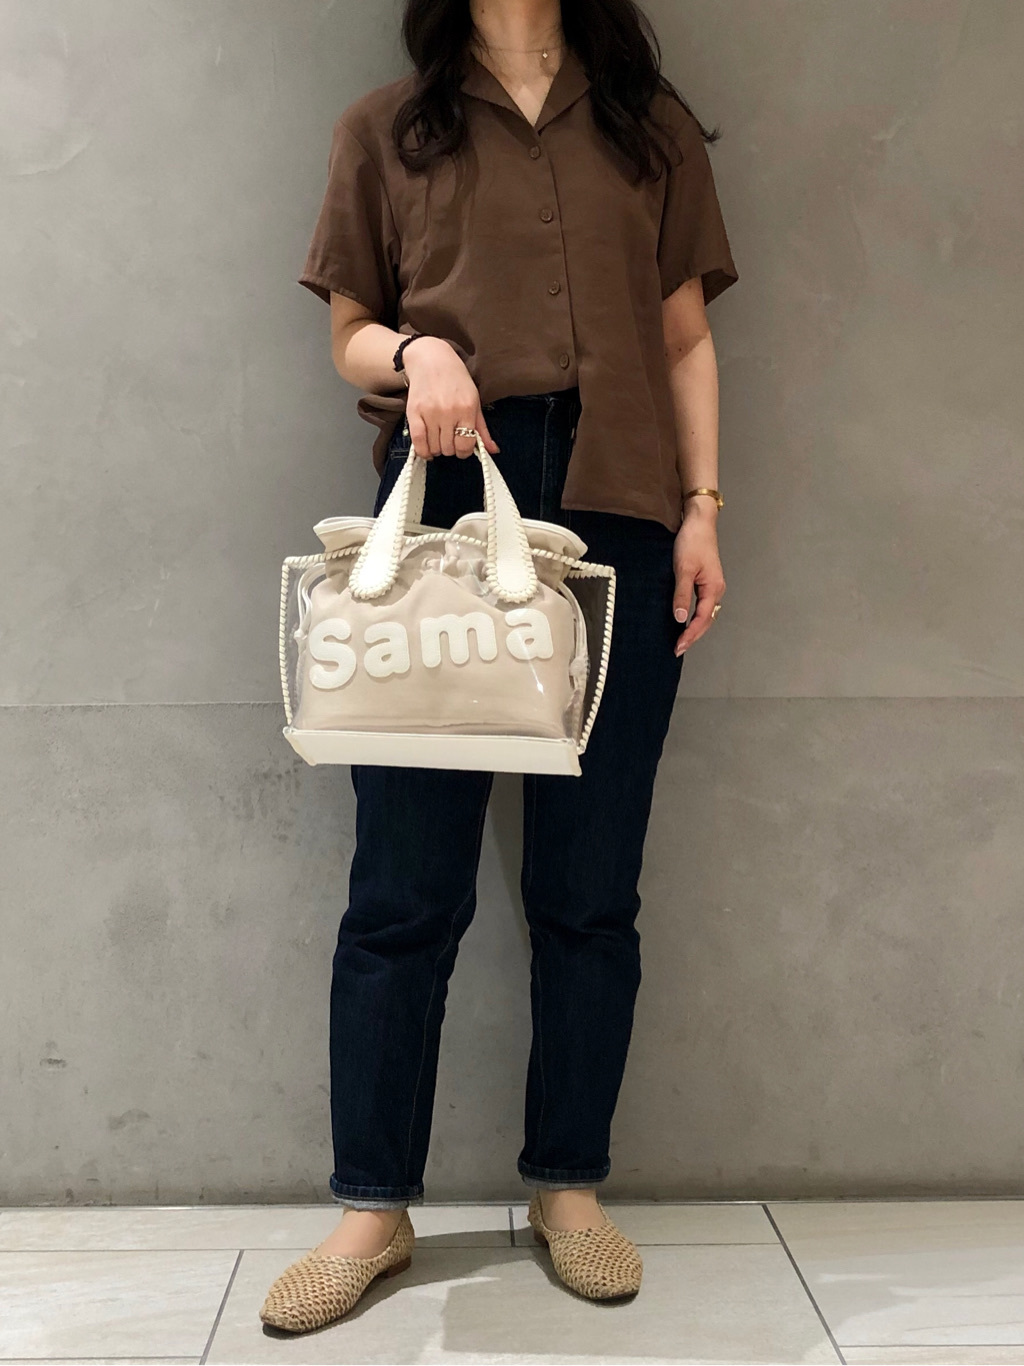 サマンサタバサ ルミネ立川店 Tsuzumi